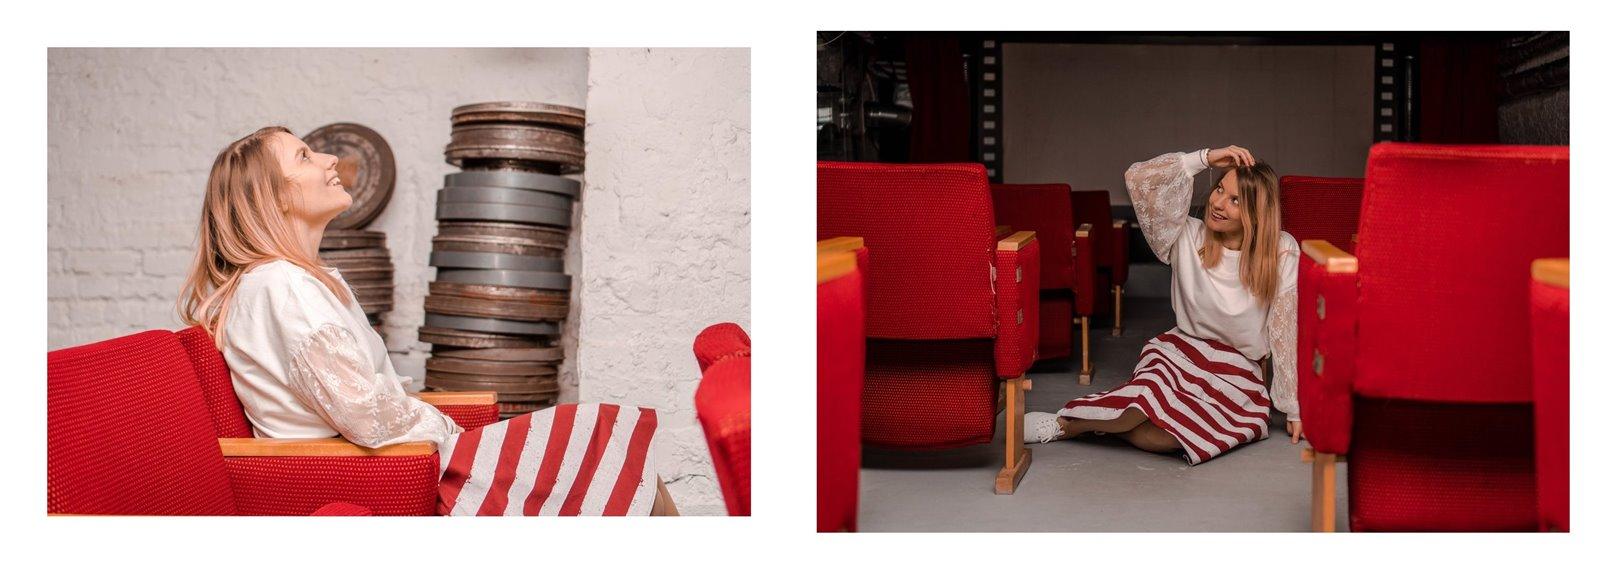 12a Skirt story spódnice szyte na miarę krawiectwo krawcowa online pomysł na prezent dla żony narzeczonej mamy szycie spódnic kraków łódź stylowe hotele stare kino w łodzi opinie recenzje pokoje gdzie się zatrzymać